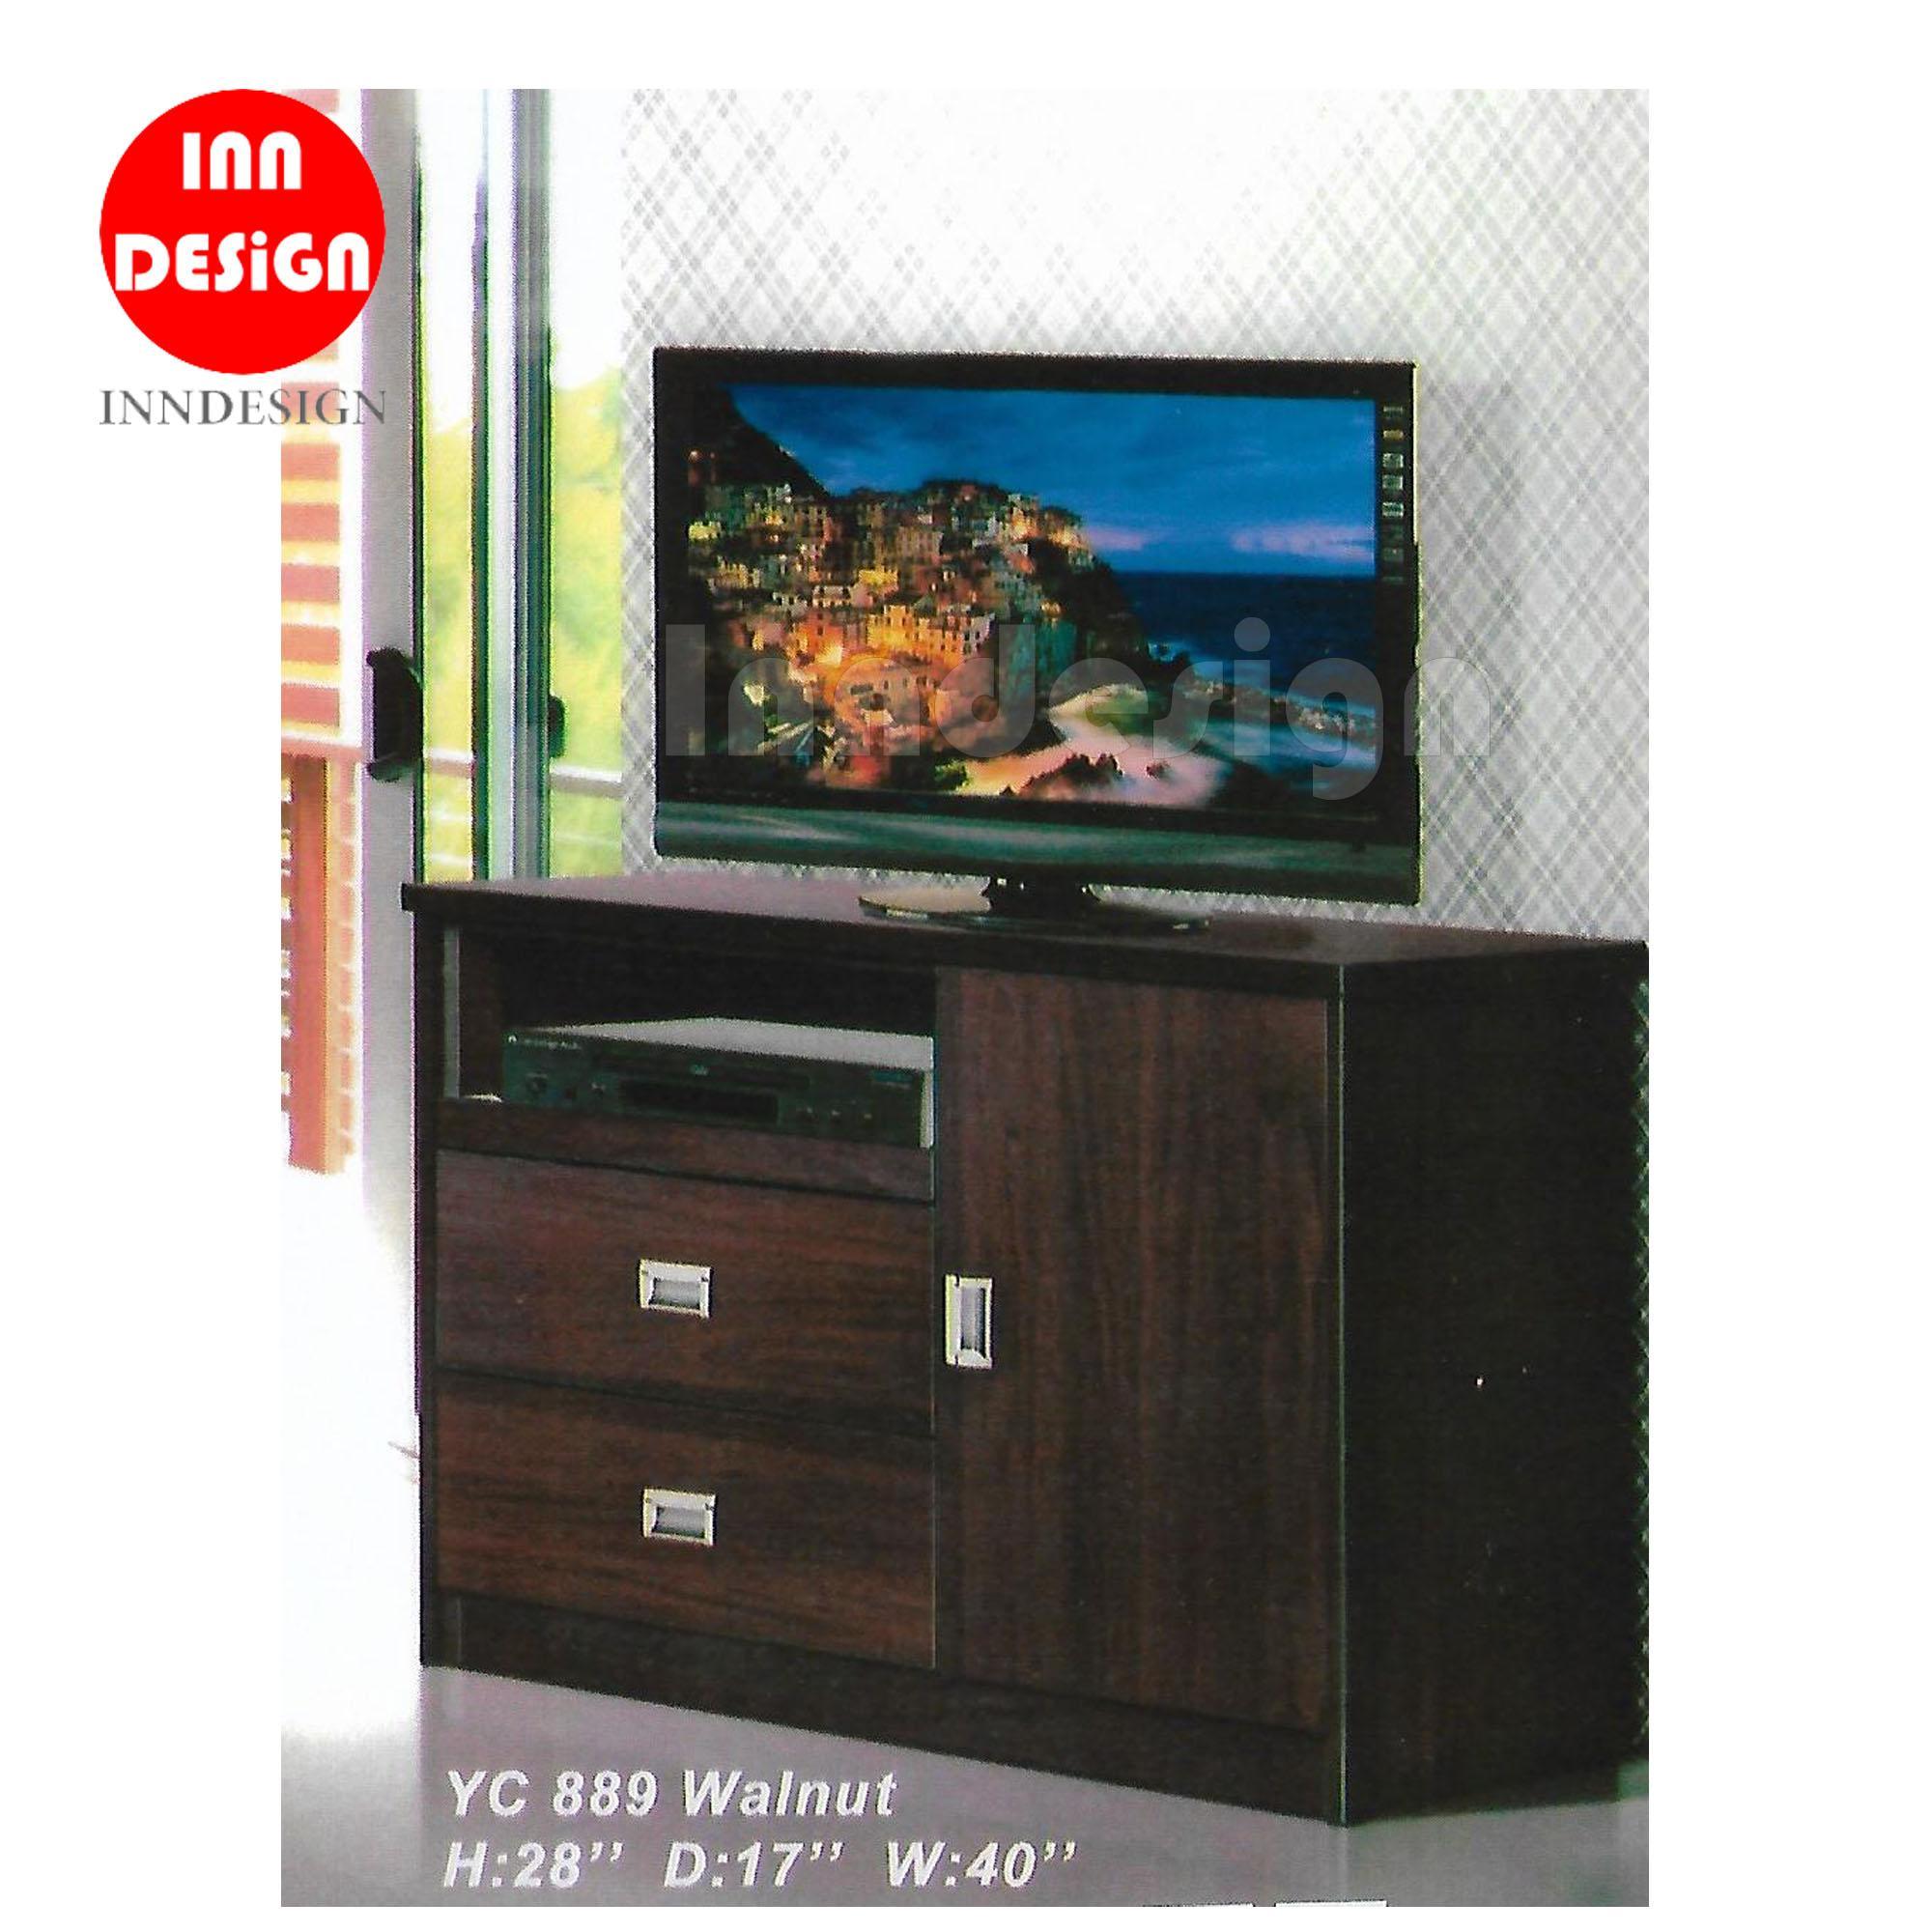 Rilen TV Console